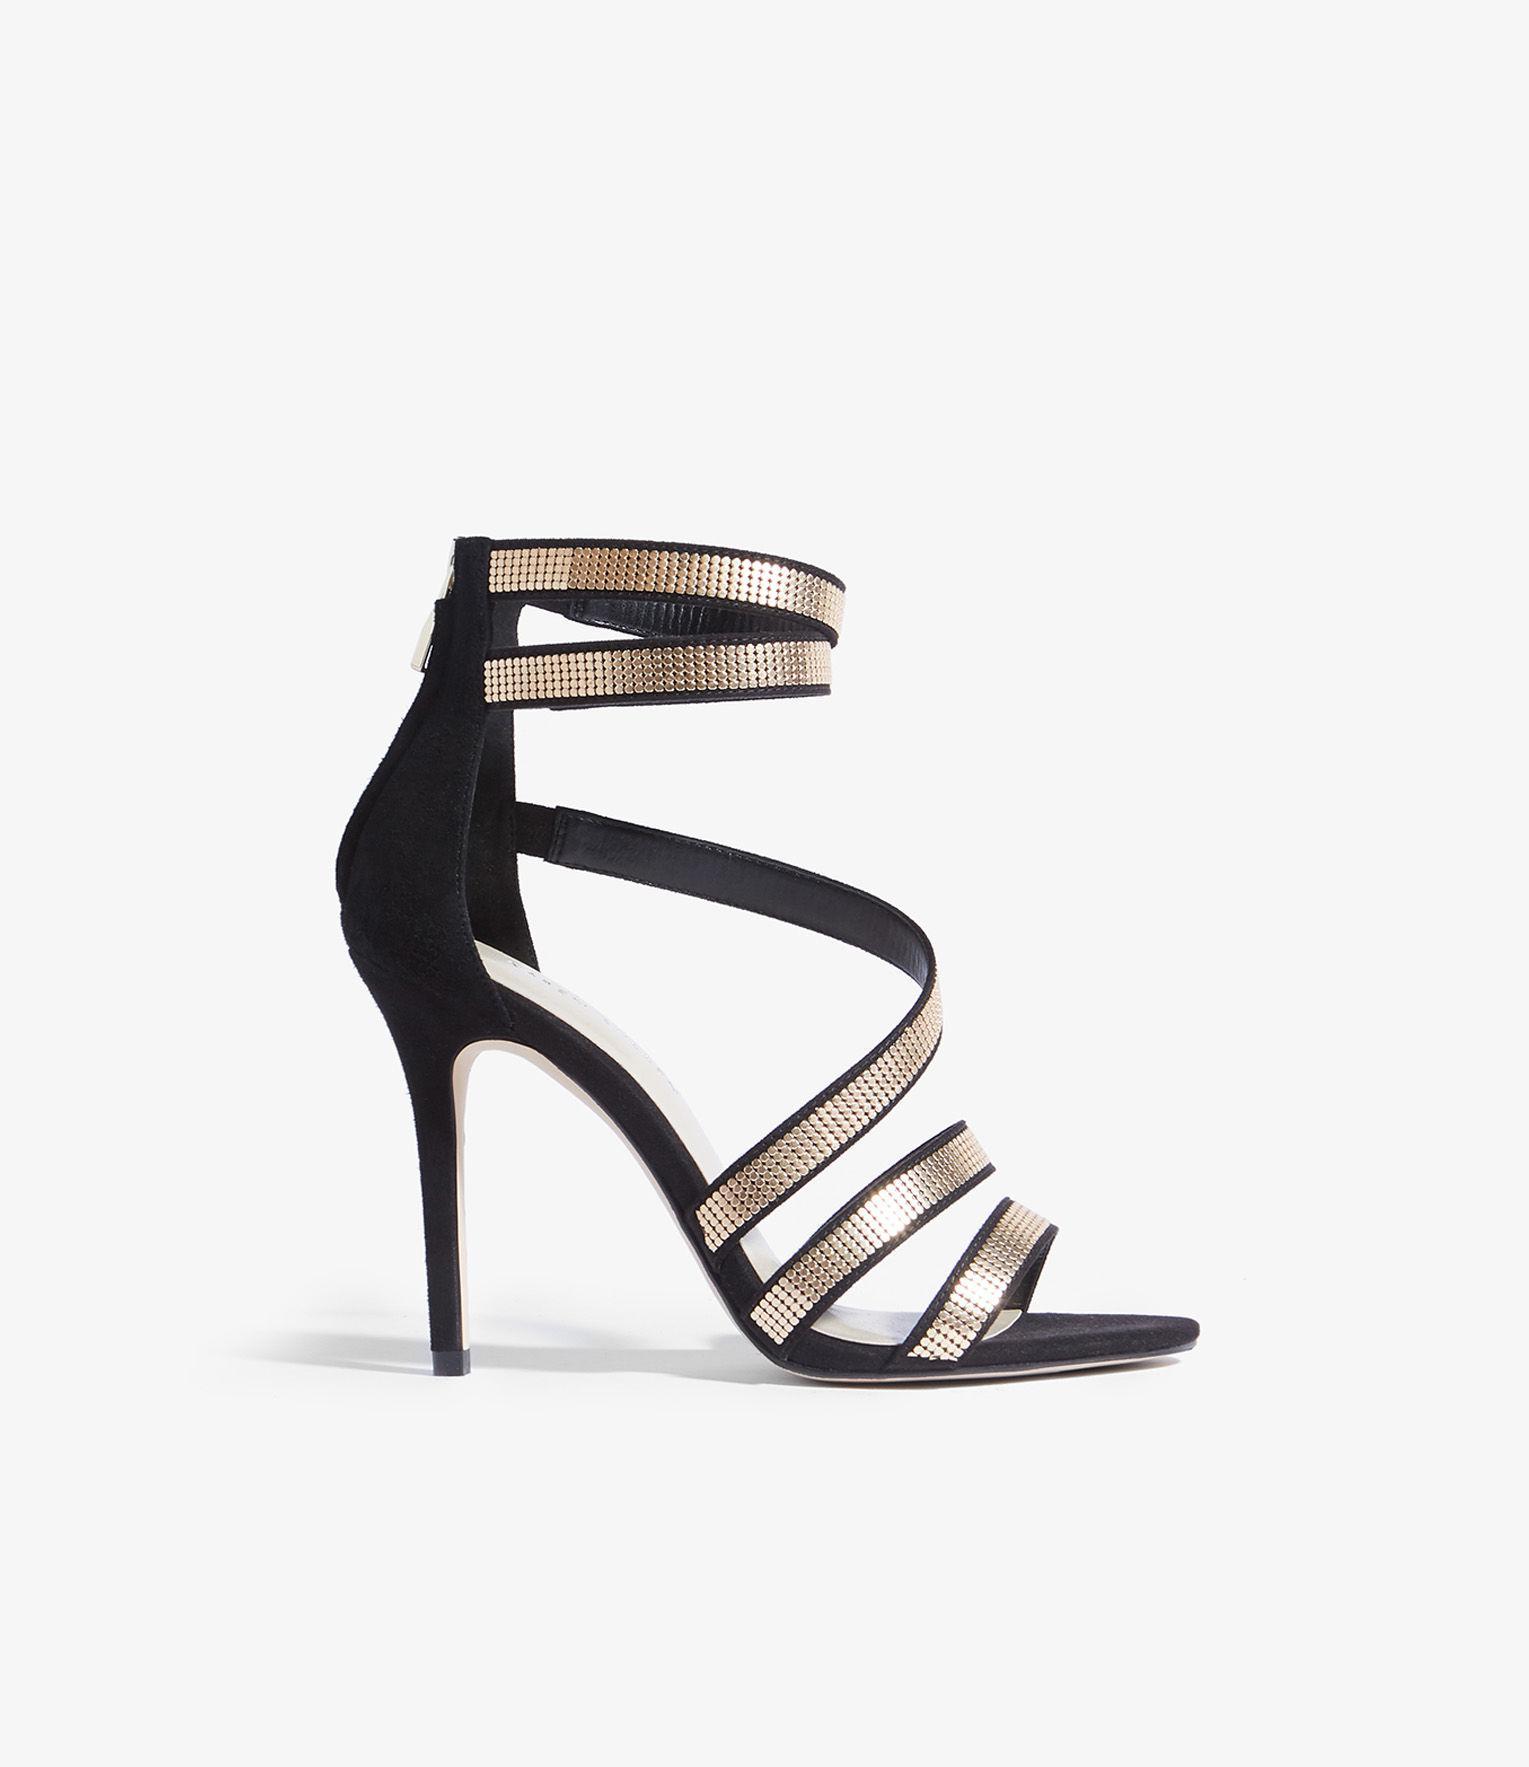 64eeeaf2e7c Karen Millen Strappy Heeled Sandals in Black - Save 32% - Lyst